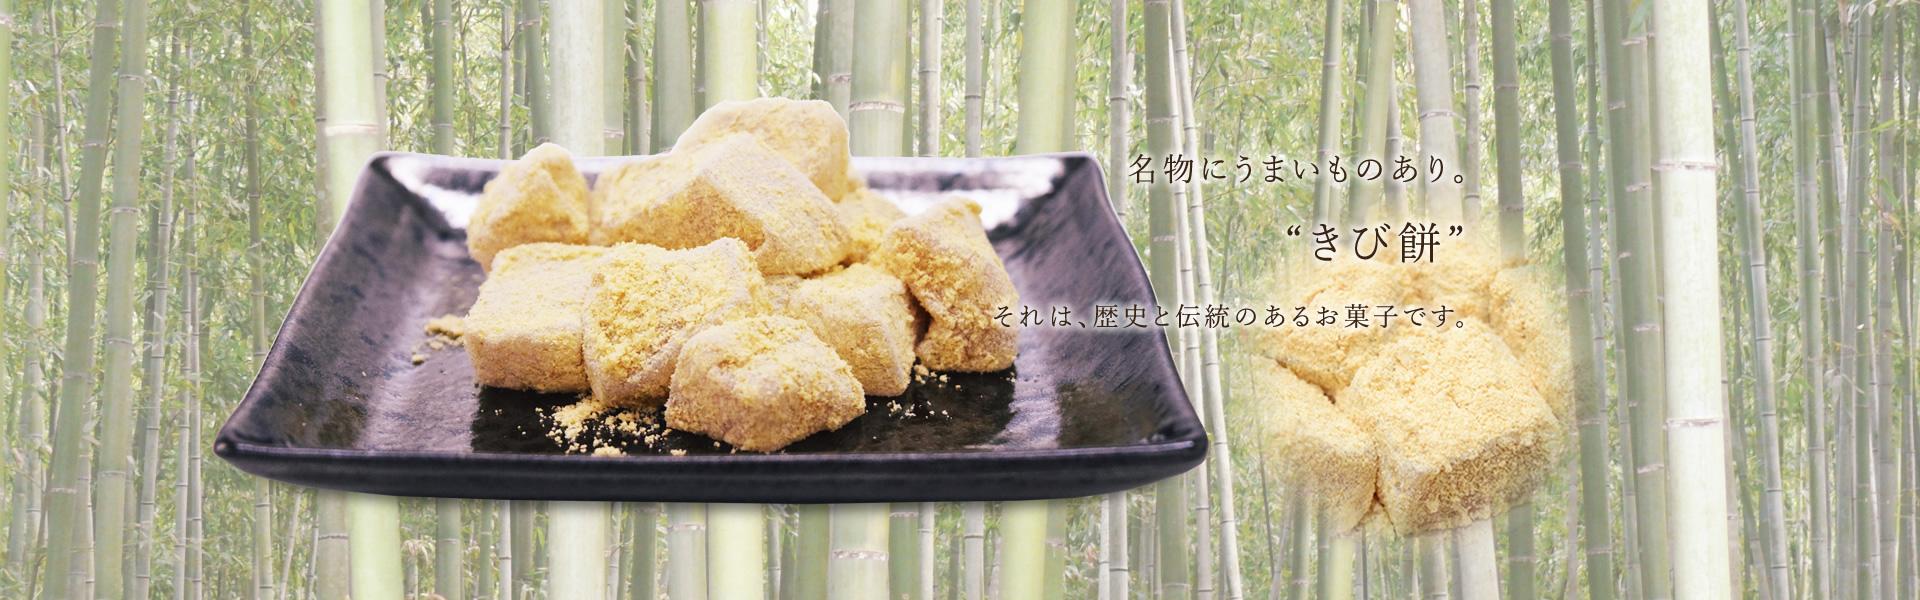 名物にうまいものありきび餅それは歴史と伝統のあるお菓子です